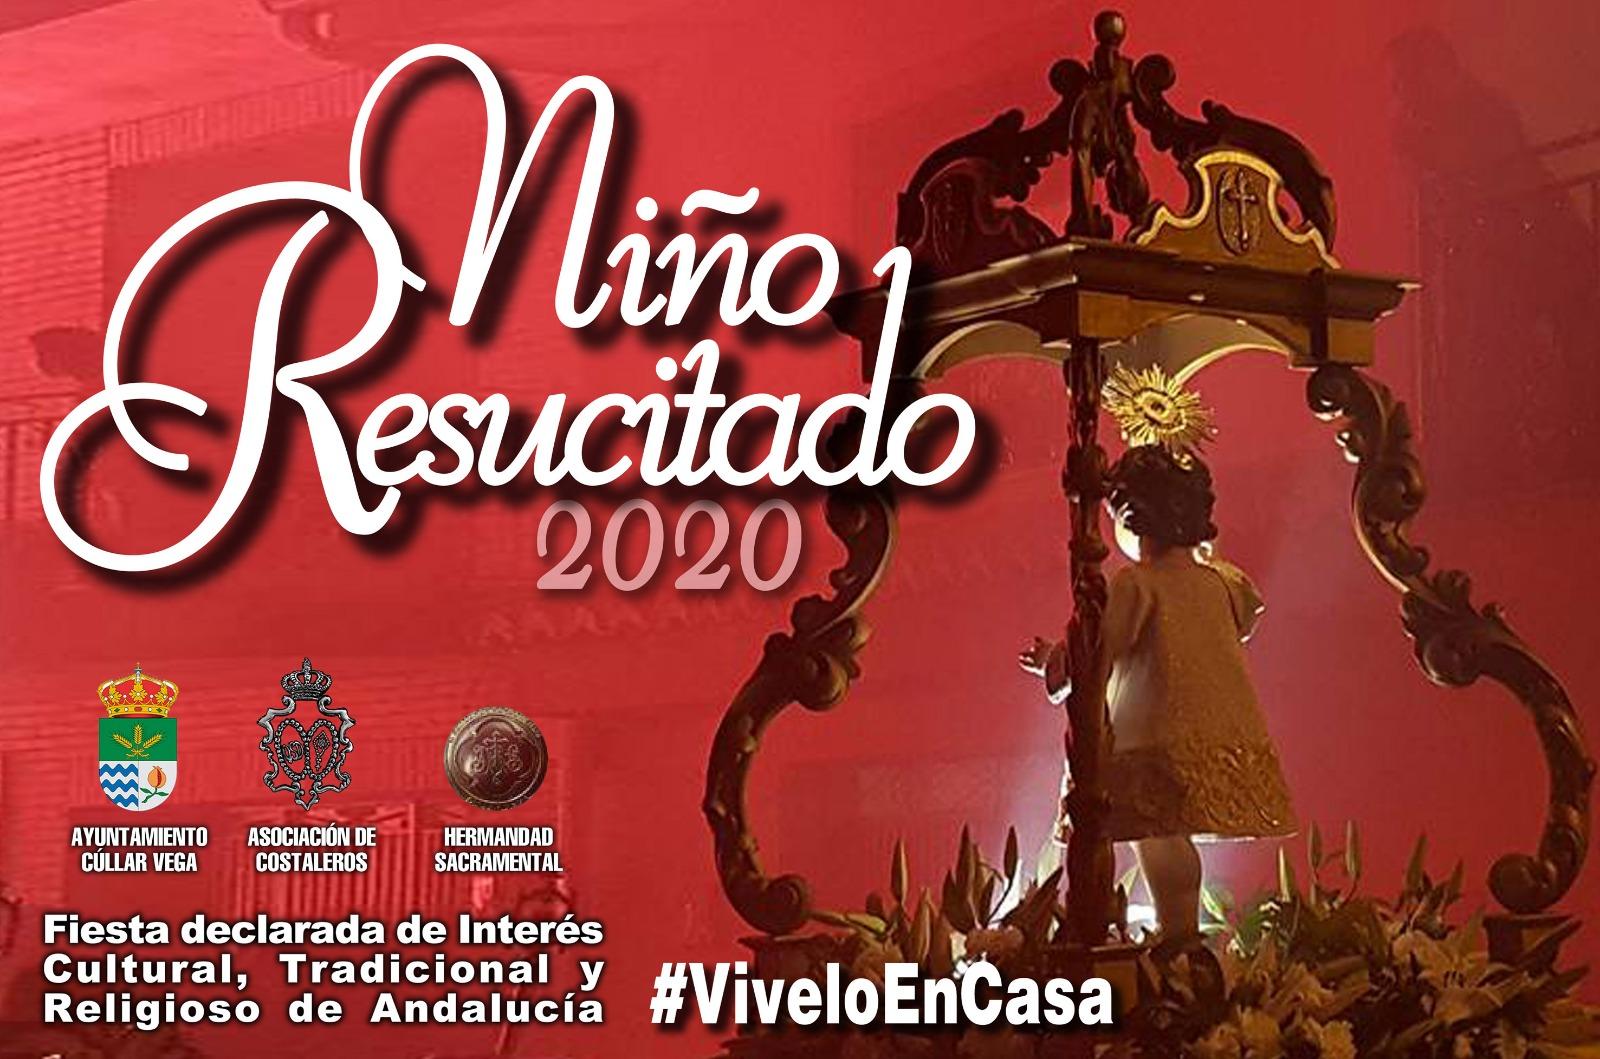 Cúllar Vega emitirá una grabación inédita de su 'Procesión de los Petardos' para mantener viva la tradición